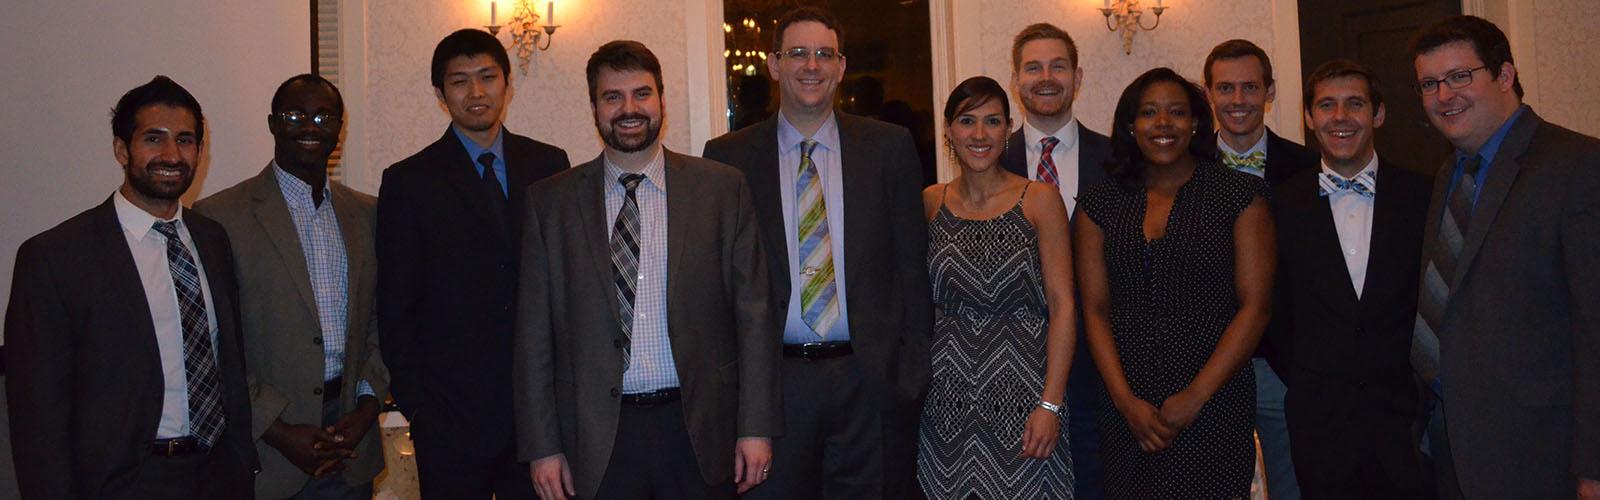 Residents attending the Chief's Graduation. Left to right: Vikas Parmar, M.D., Solomon Ondoma, M.D., Yiping Li, M.D., Kyle Swanson, M.D. Casey Madura, M.D., Carolina Sandoval-Garcia, M.D., Clayton Haldeman, M.D., Demi Dawkins, M.D., Mark Corriveau, M.D., Bradley Schmidt, M.D., Christopher Baggott, M.D.